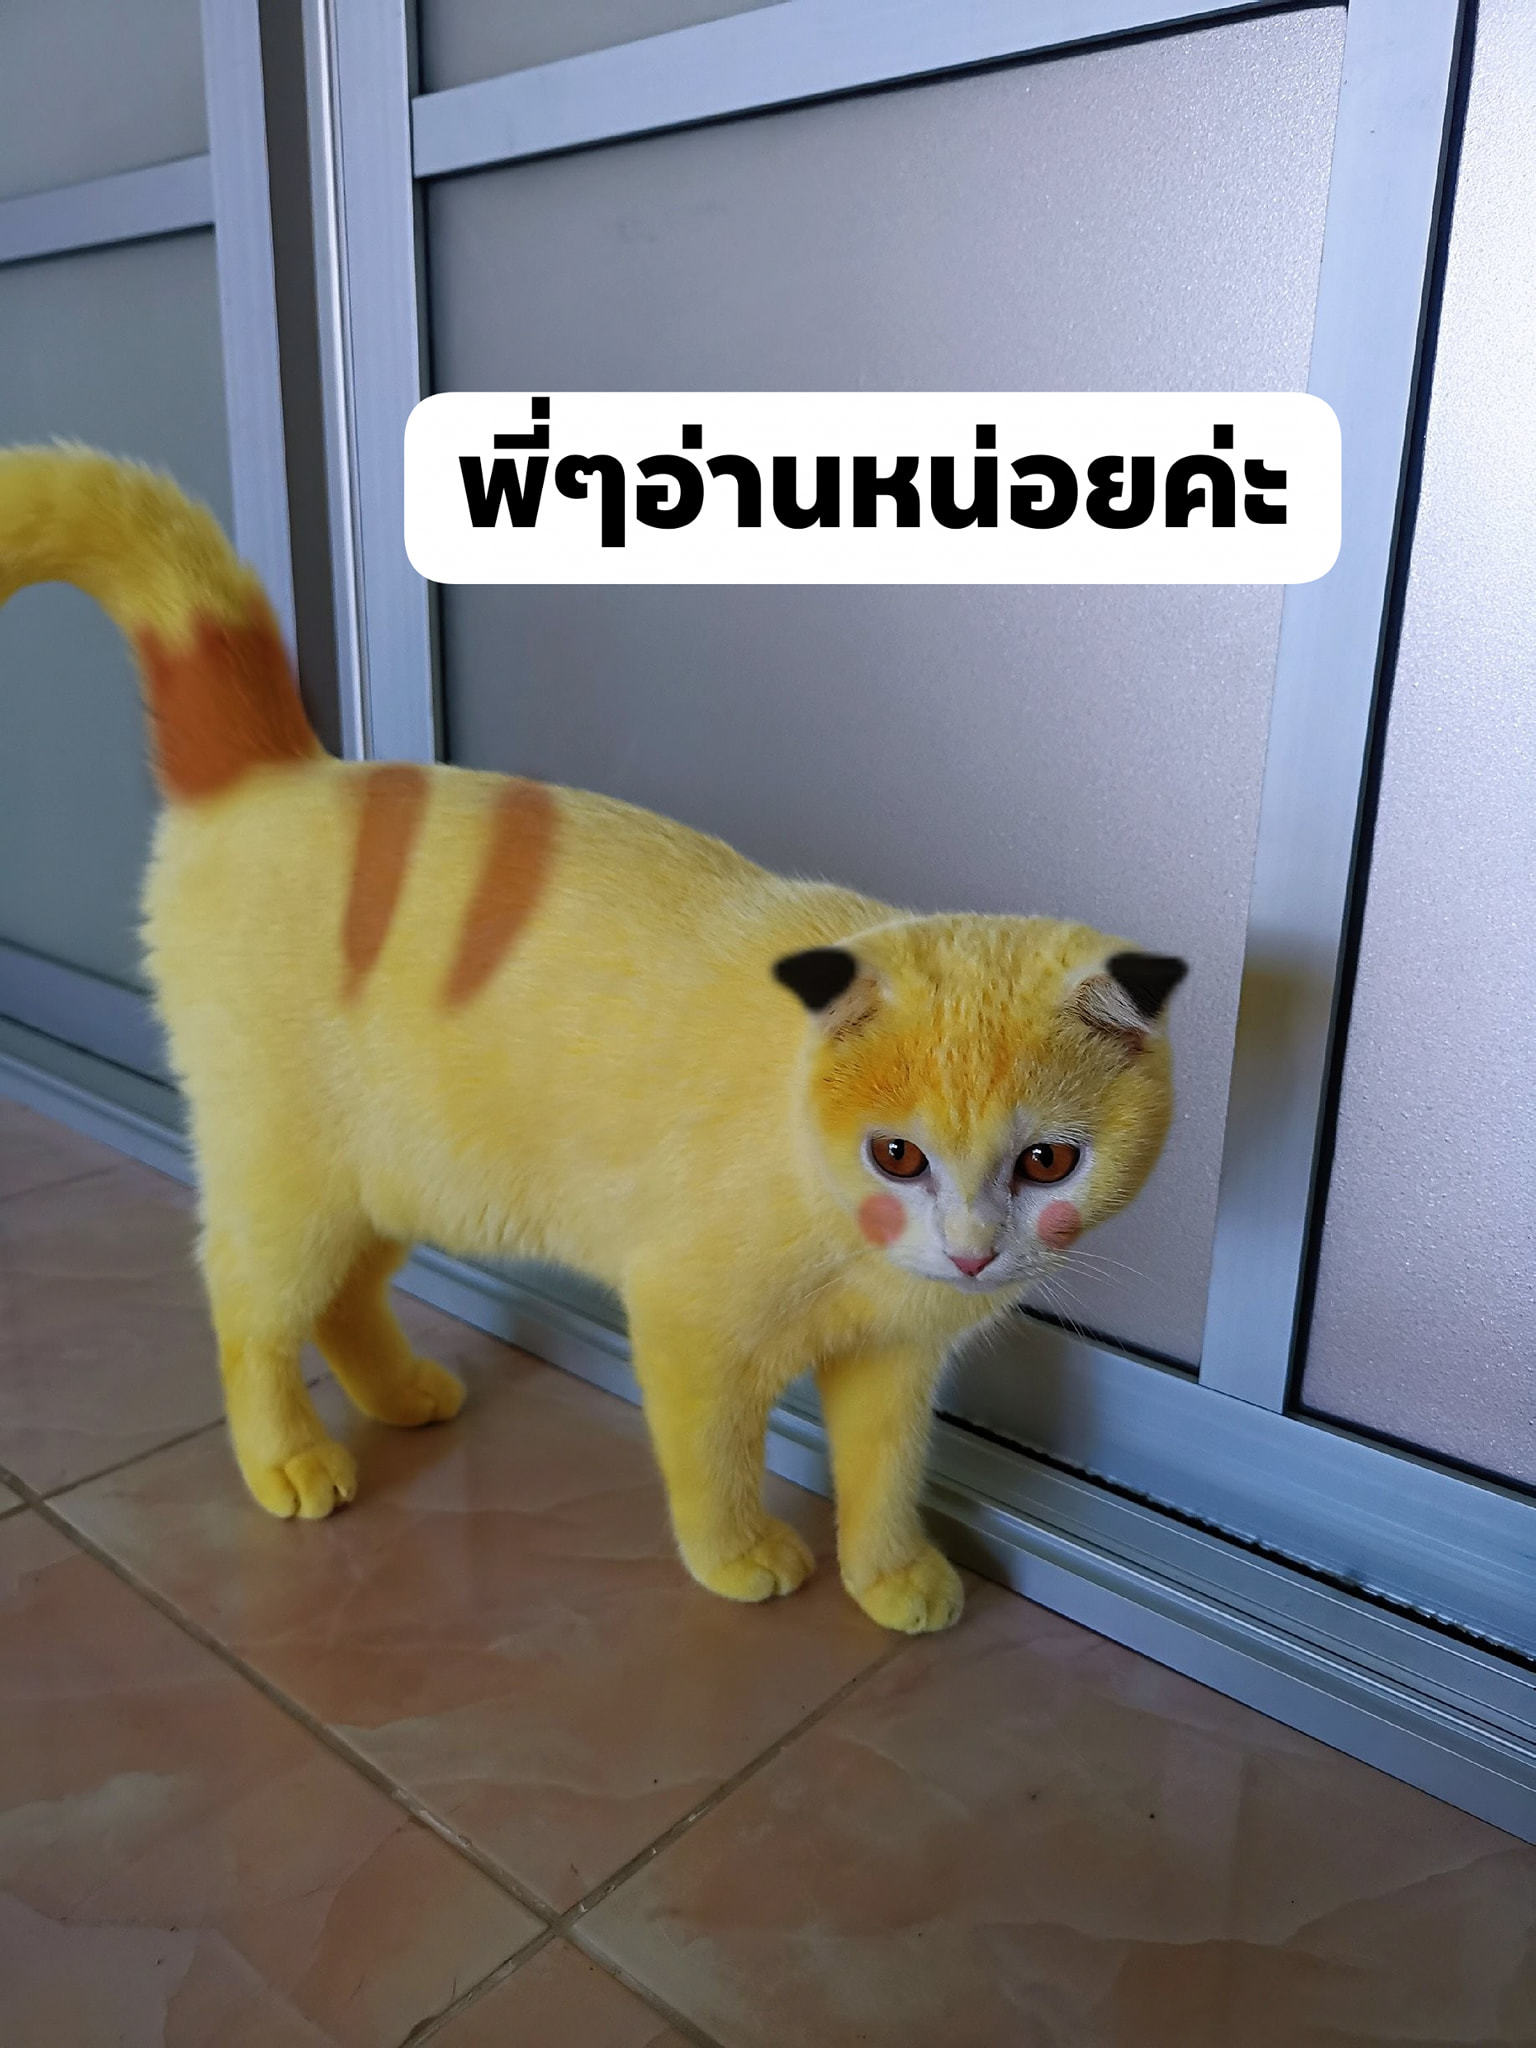 Sự thật về việc nhuộm lông mèo bằng nghệ ở Thái Lan